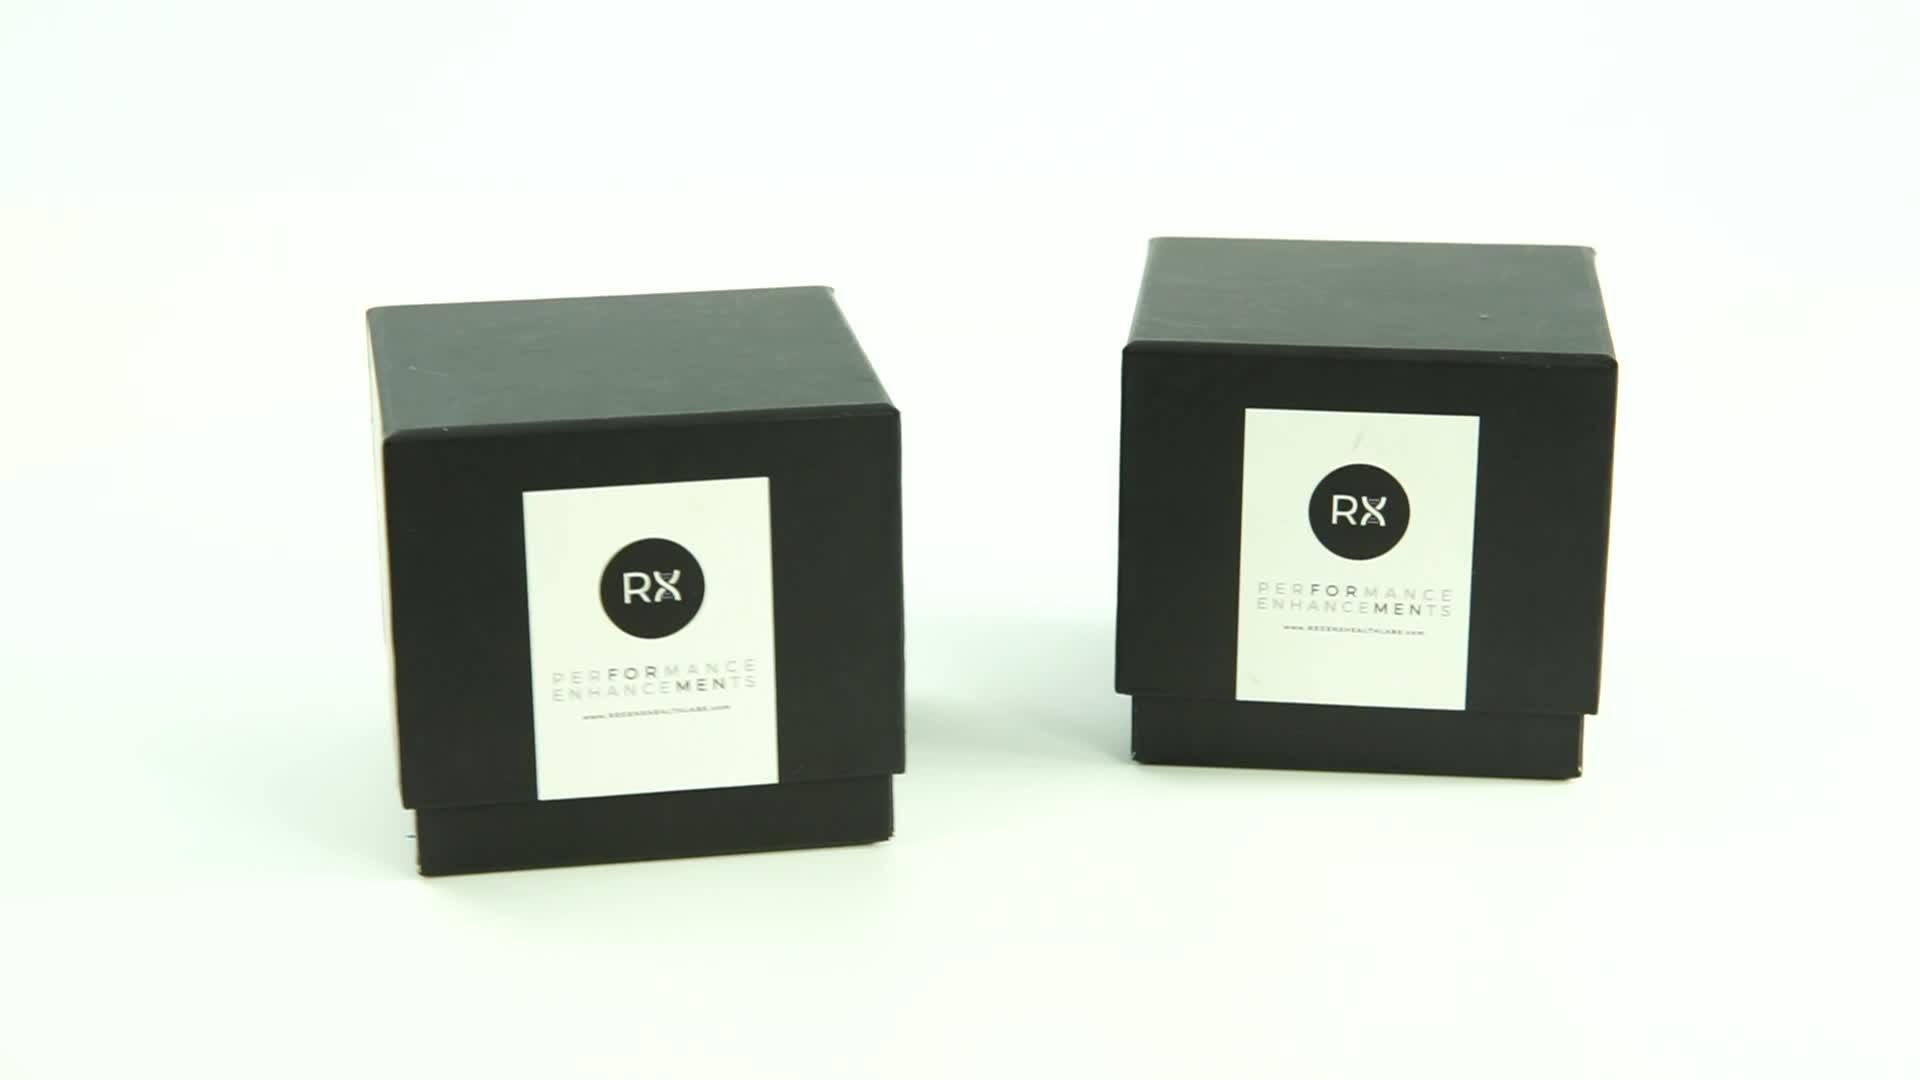 ขายส่ง luxury custom made แข็งกระดาษแข็งเทียนบรรจุภัณฑ์กล่อง